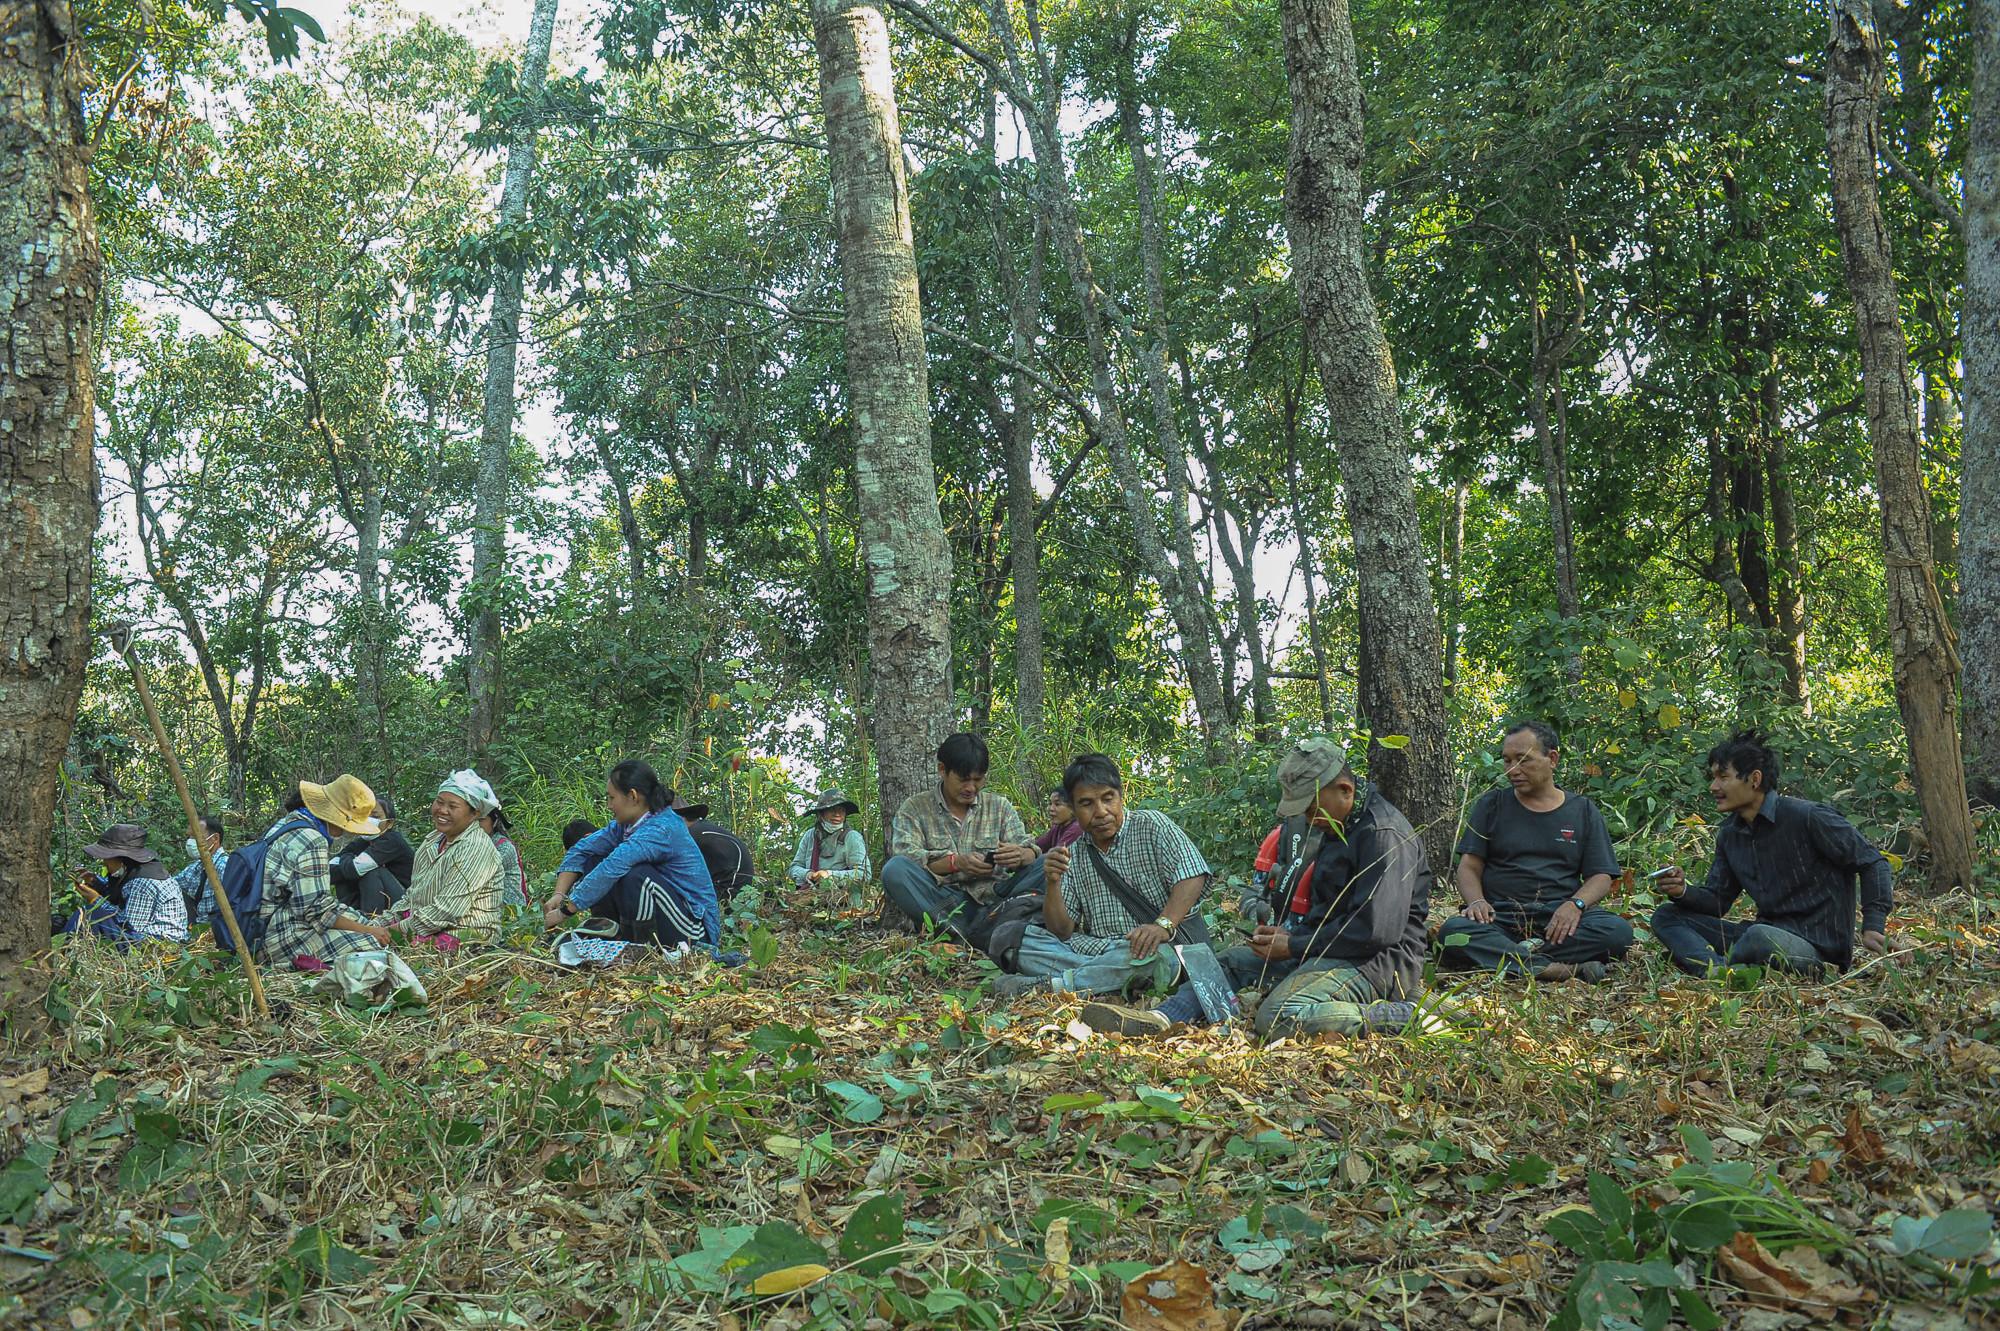 บรรยากาศการพักทานอาหารกลางวันของชาวบ้าน ซึ่งงบประมาณในการบริหารจัดการทั้งหมดมาจากการขายผลิตภัณฑ์ภายในชุมชนของกลุ่มเยาวชนห้วยหินลาดใน ภาพถ่ายเมื่อ 24 ก.พ. 63 (ที่มา: นิพนธ์ ปุแคระ)